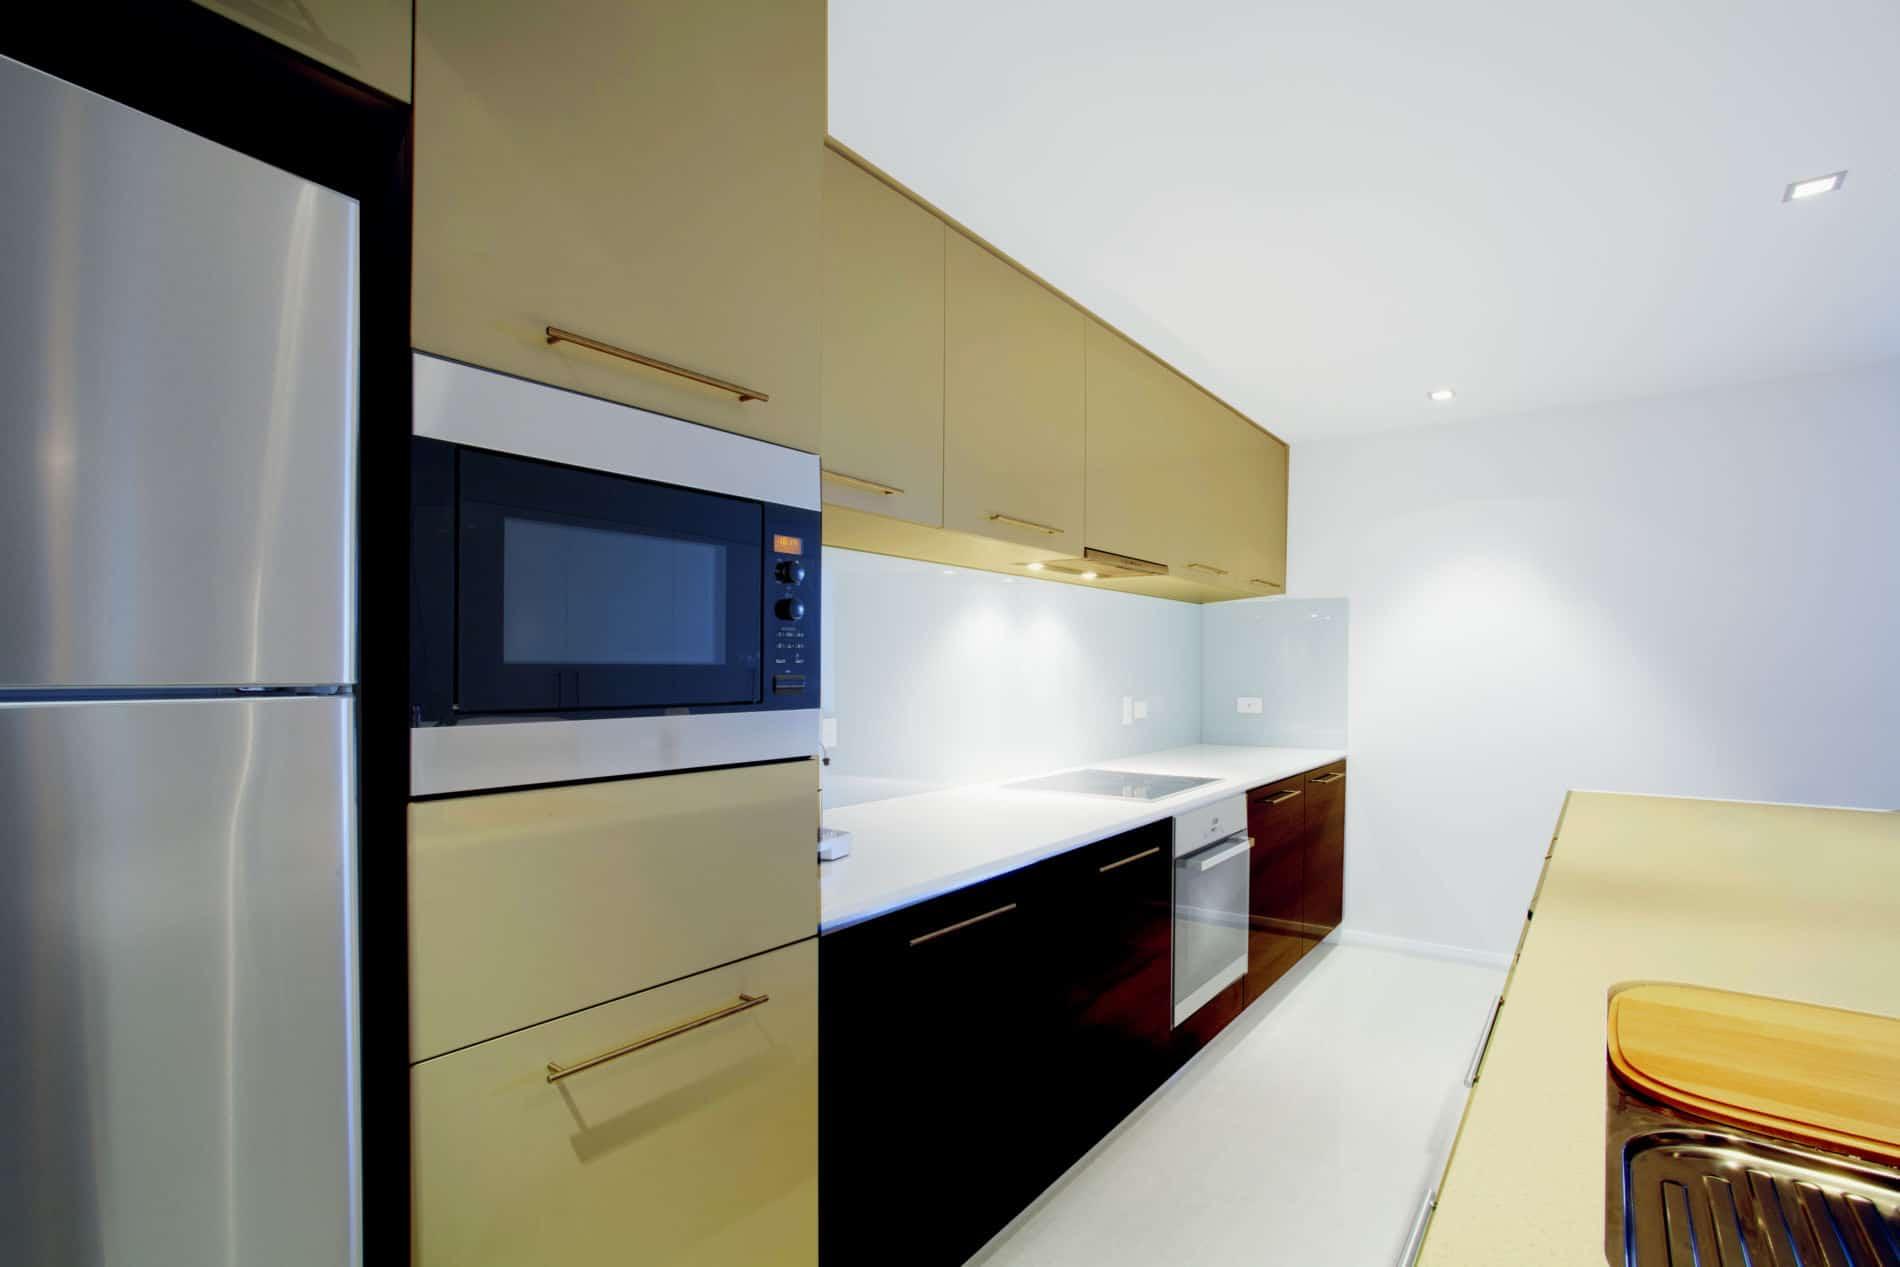 מטבחים מעץ מוכרי המטבחים בעלי ניסיון רב עם הרבה וותק שיודעים לספק פתרונות מגוונים לכל בית תוך כדי אפיון דרישות הלקוח ומסירת המטבח